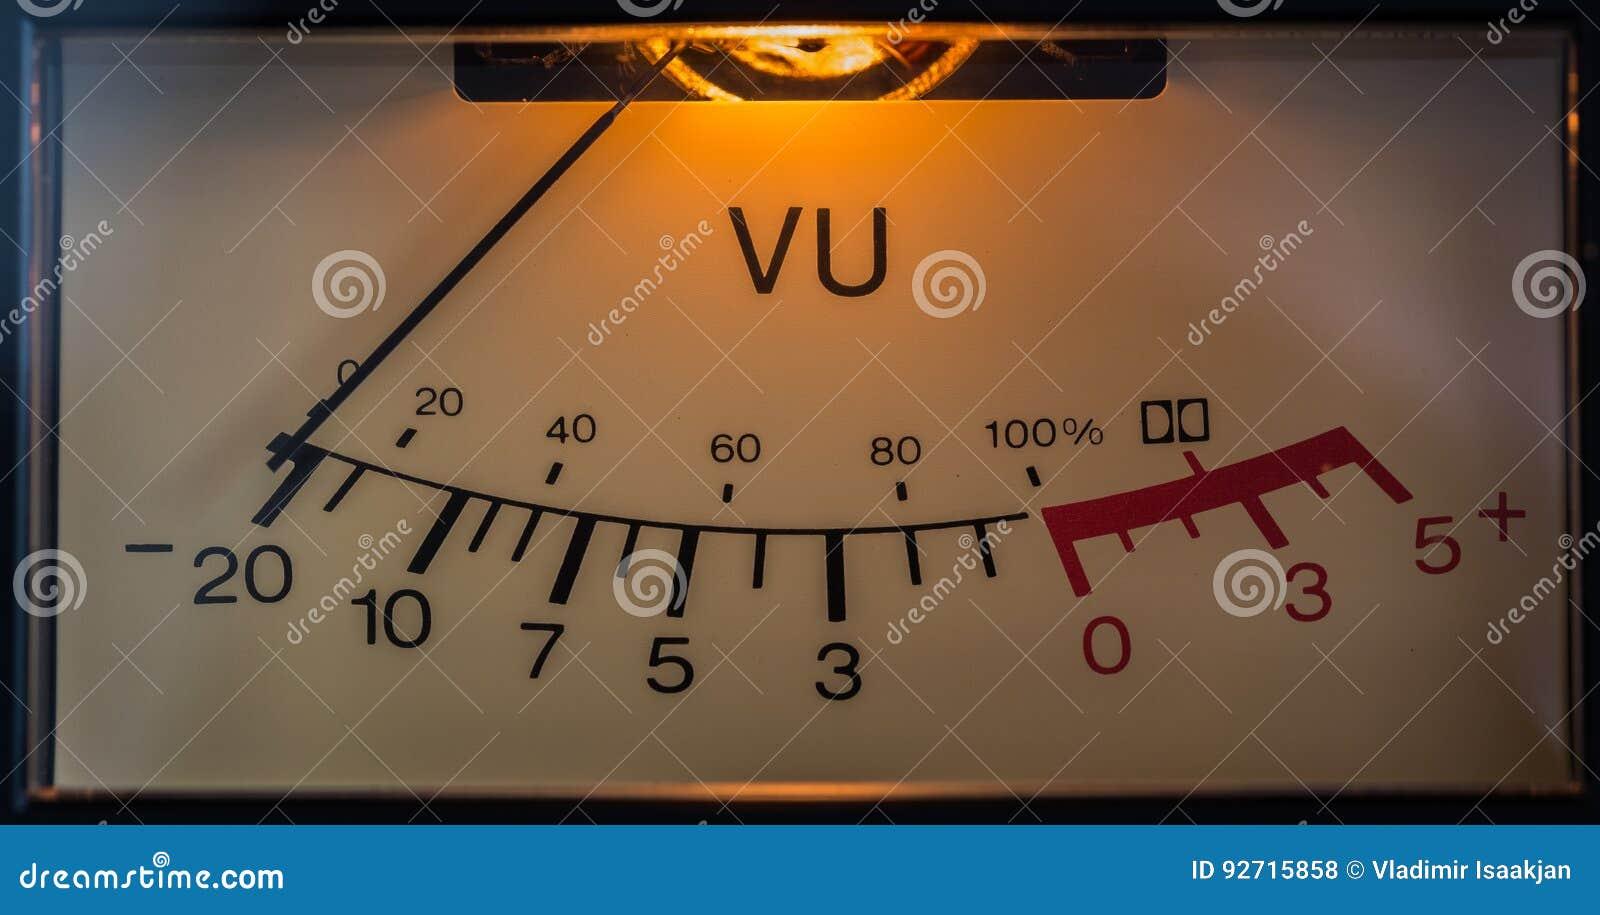 сетноой-аналогов электронный метр vu